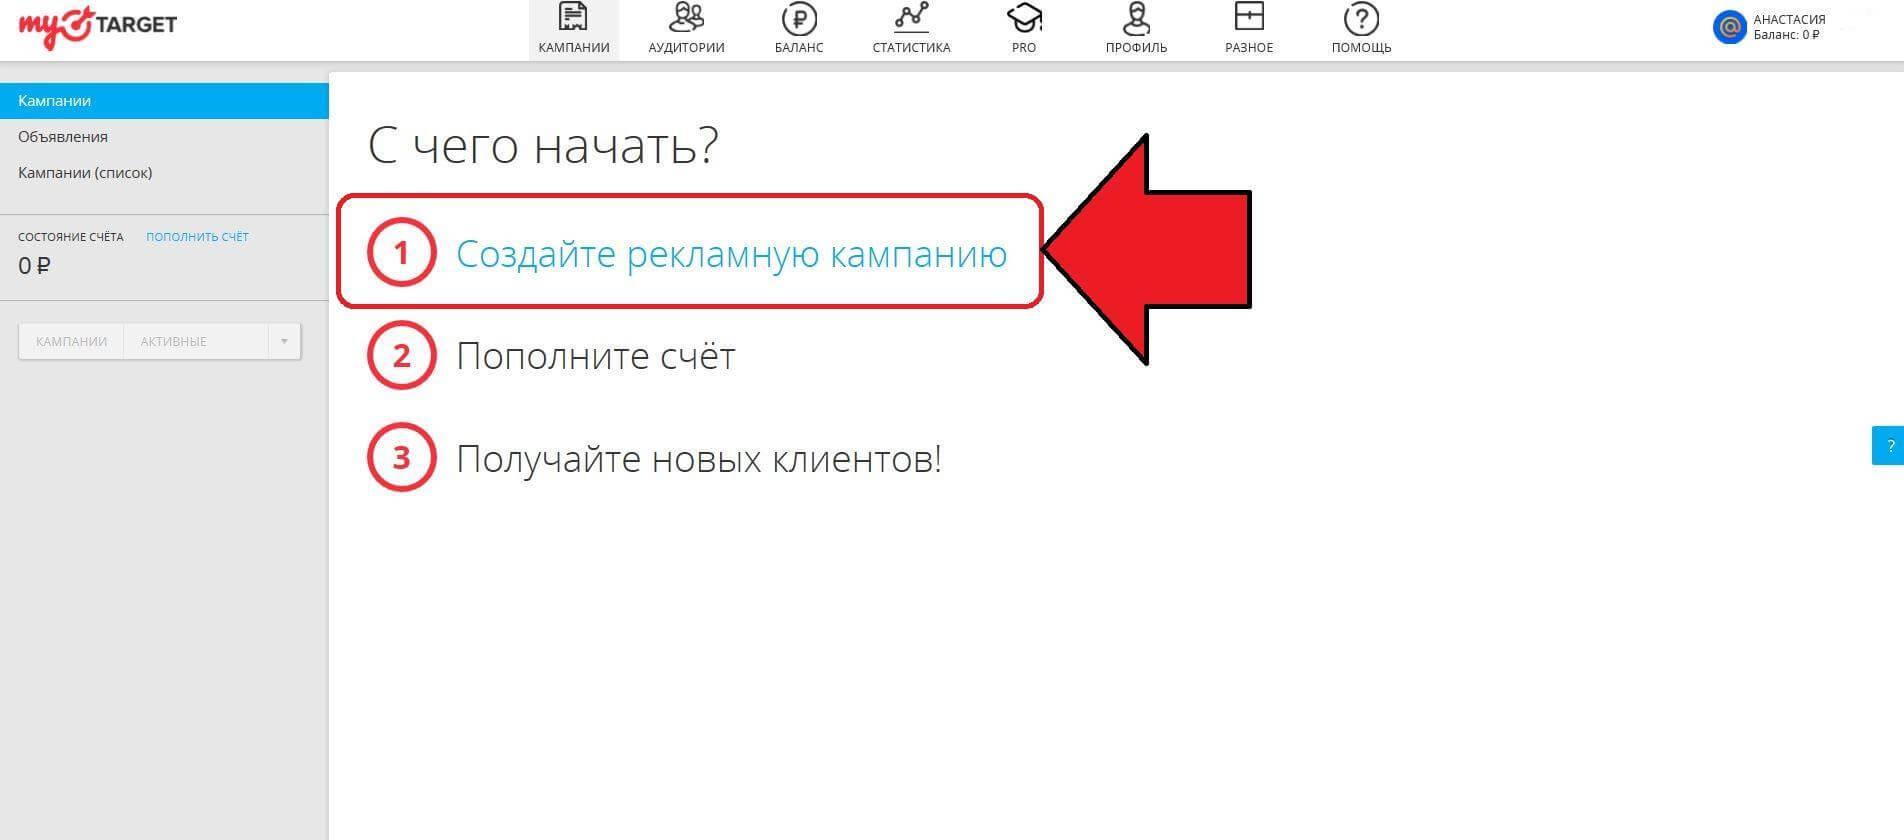 Как разместить рекламу в Одноклассниках